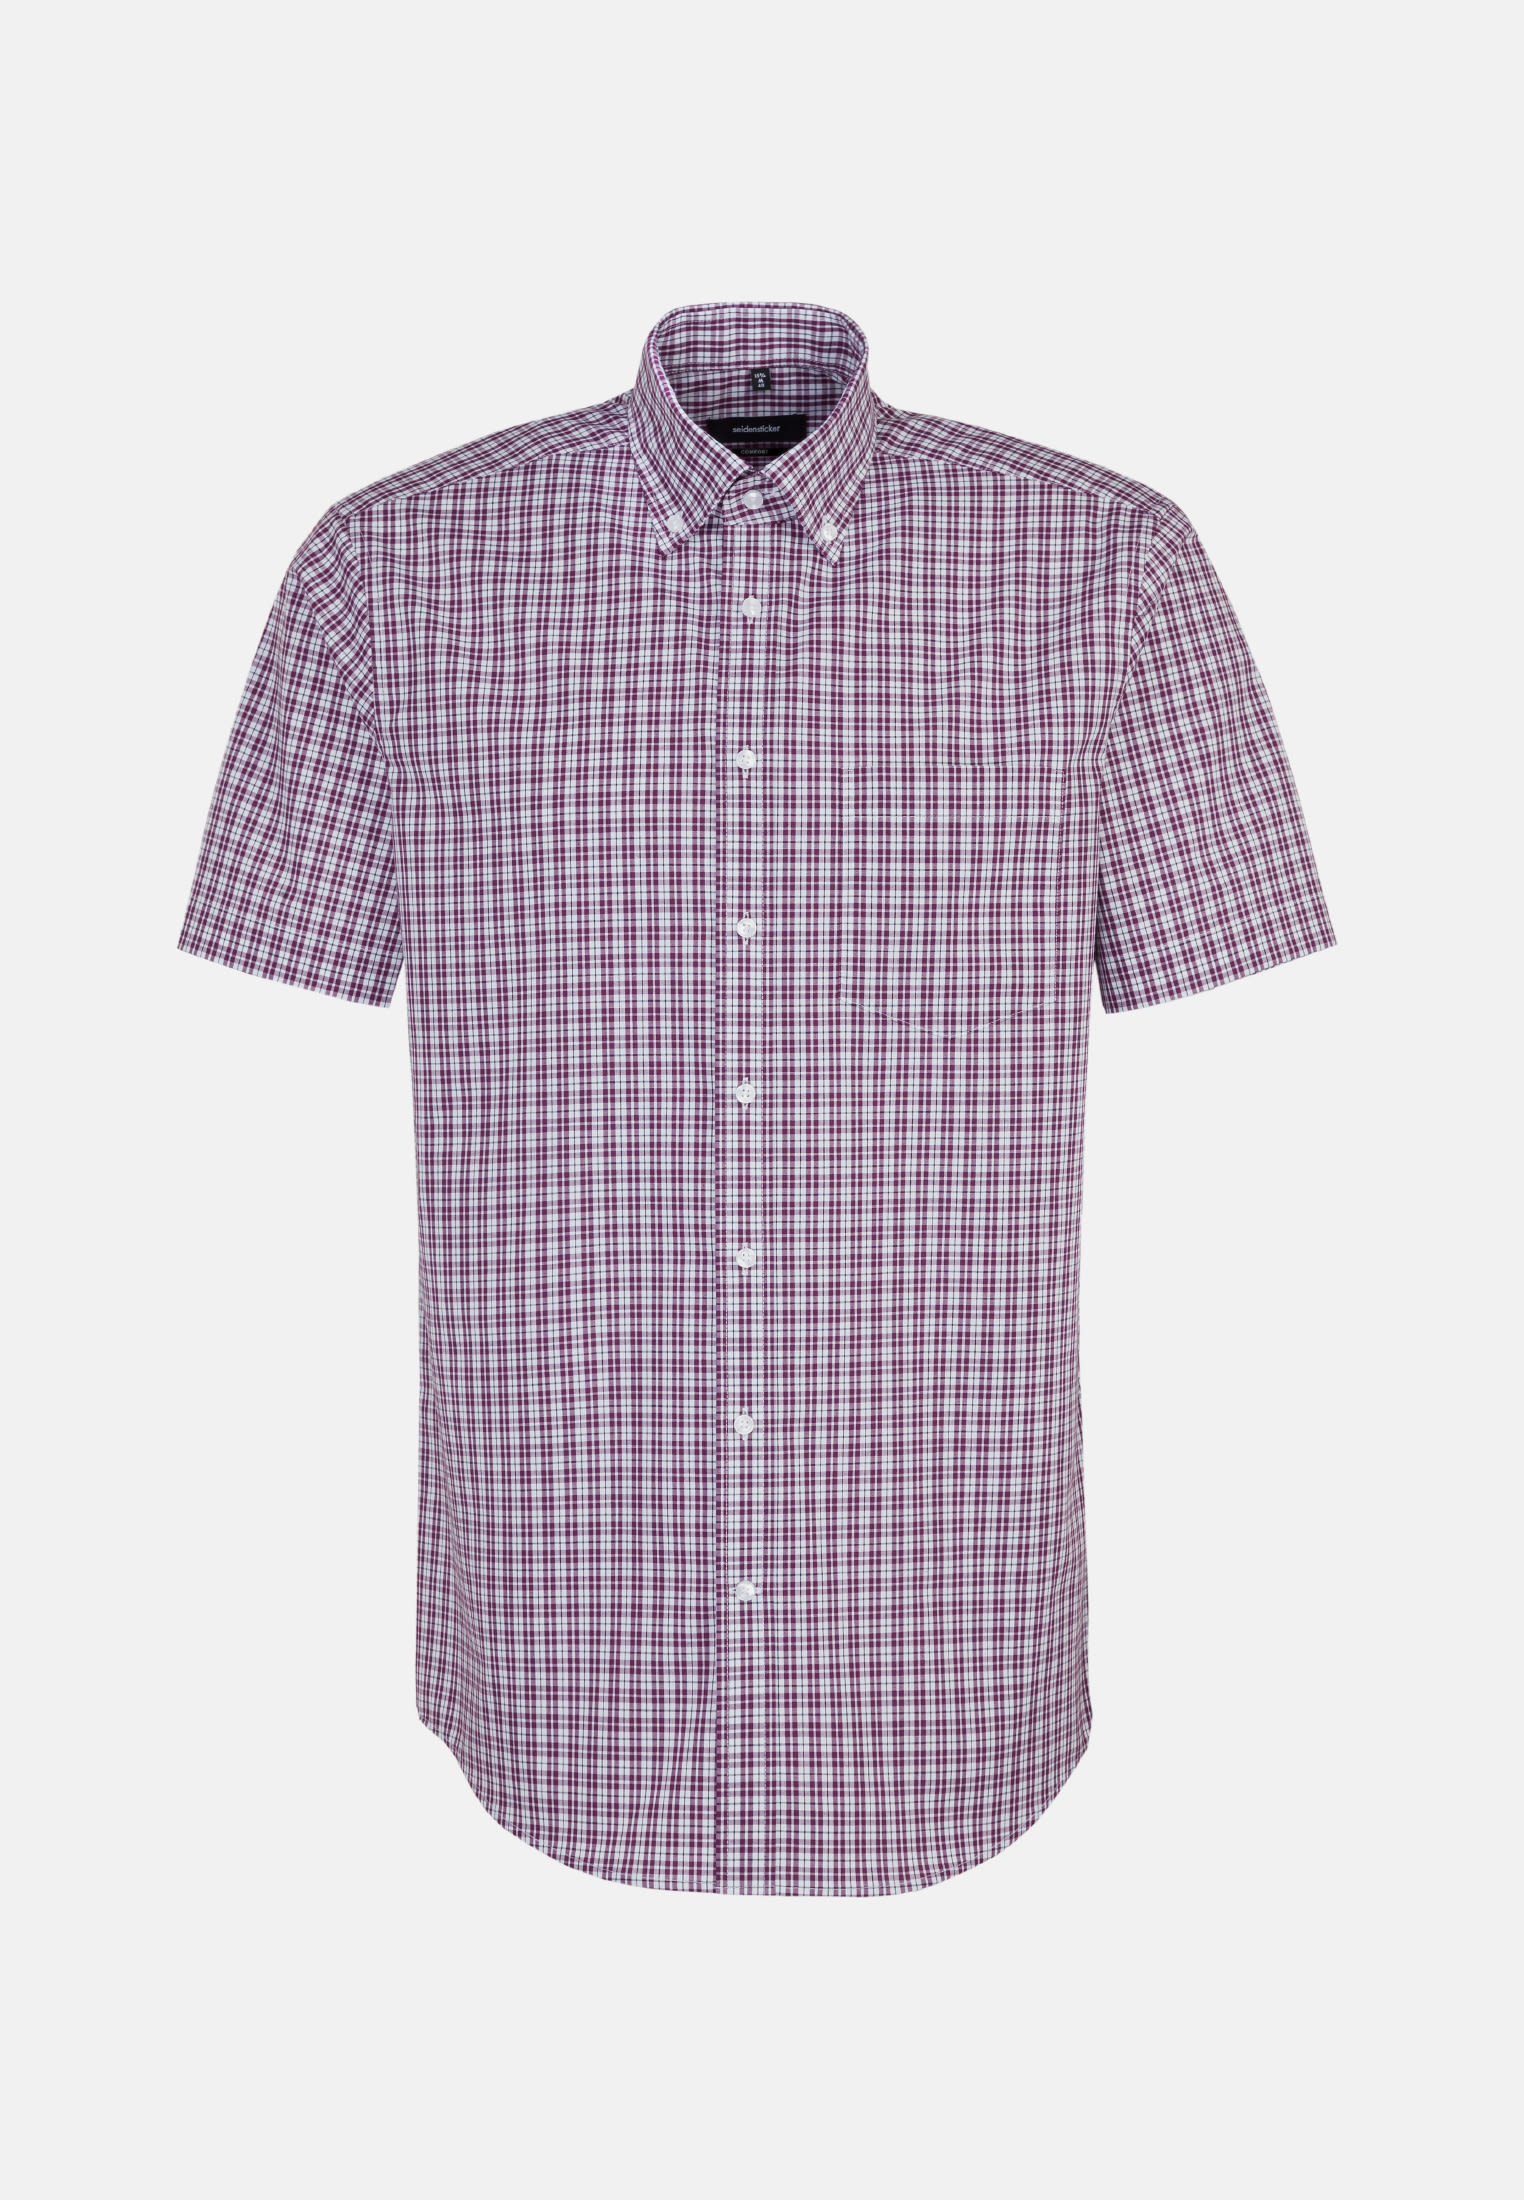 Bügelfreies Popeline Kurzarm Business Hemd in Comfort mit Button-Down-Kragen in Lila |  Seidensticker Onlineshop